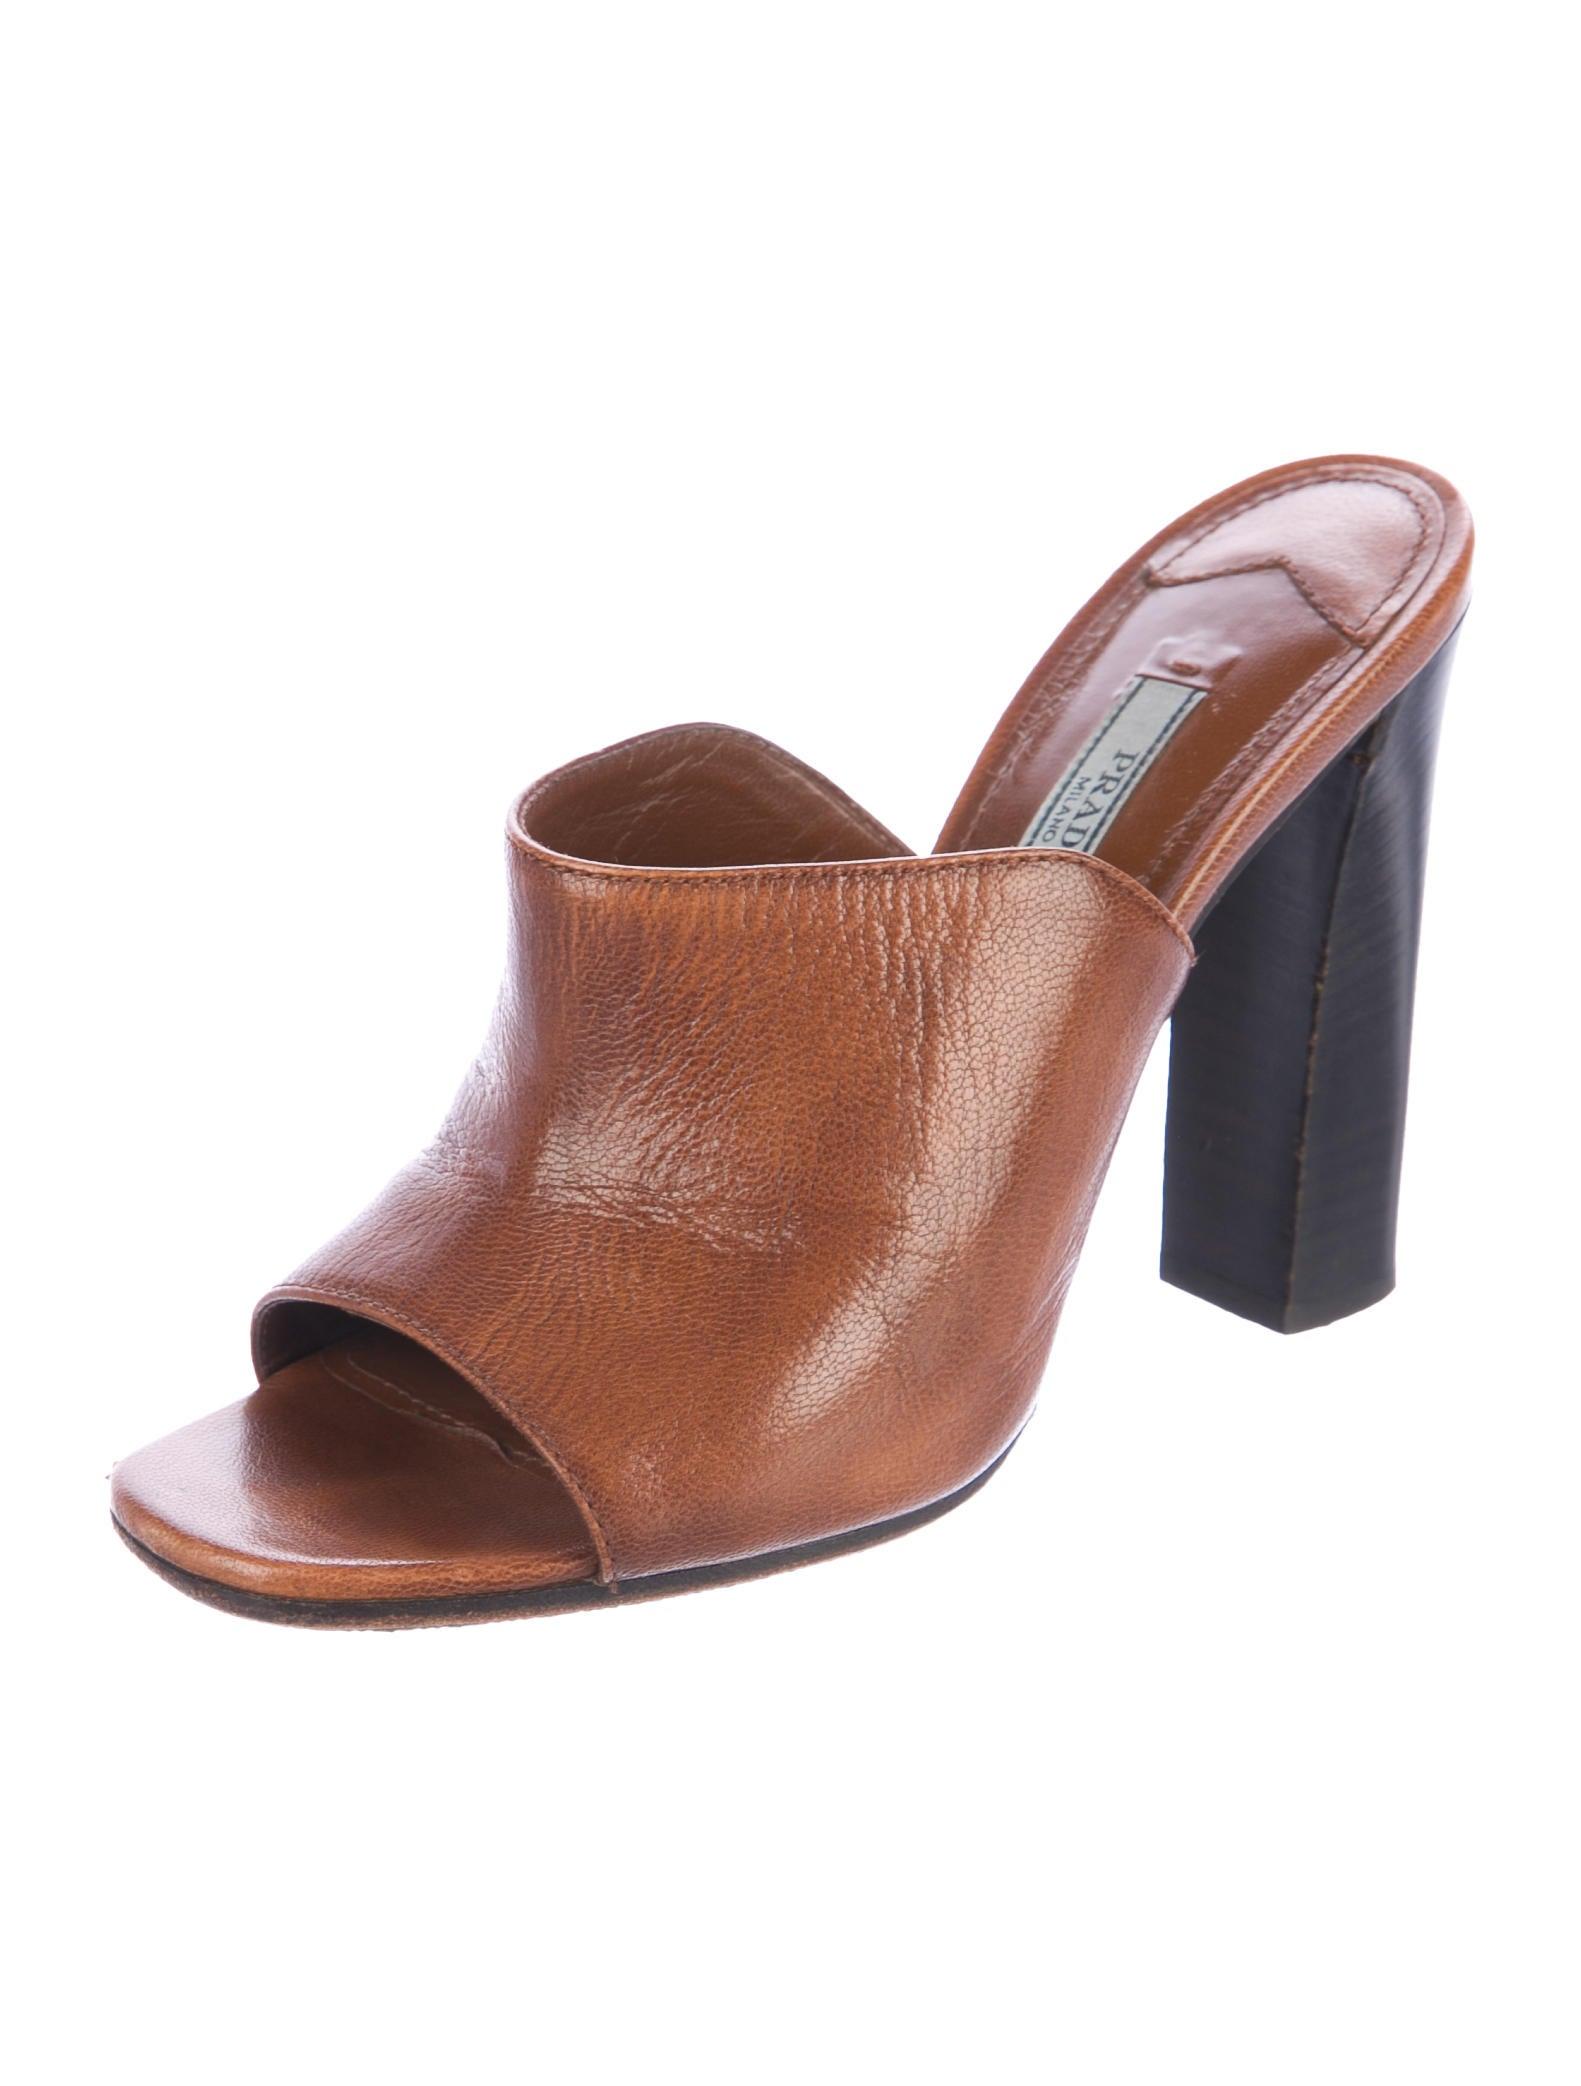 Peep Toe Shoes Sale